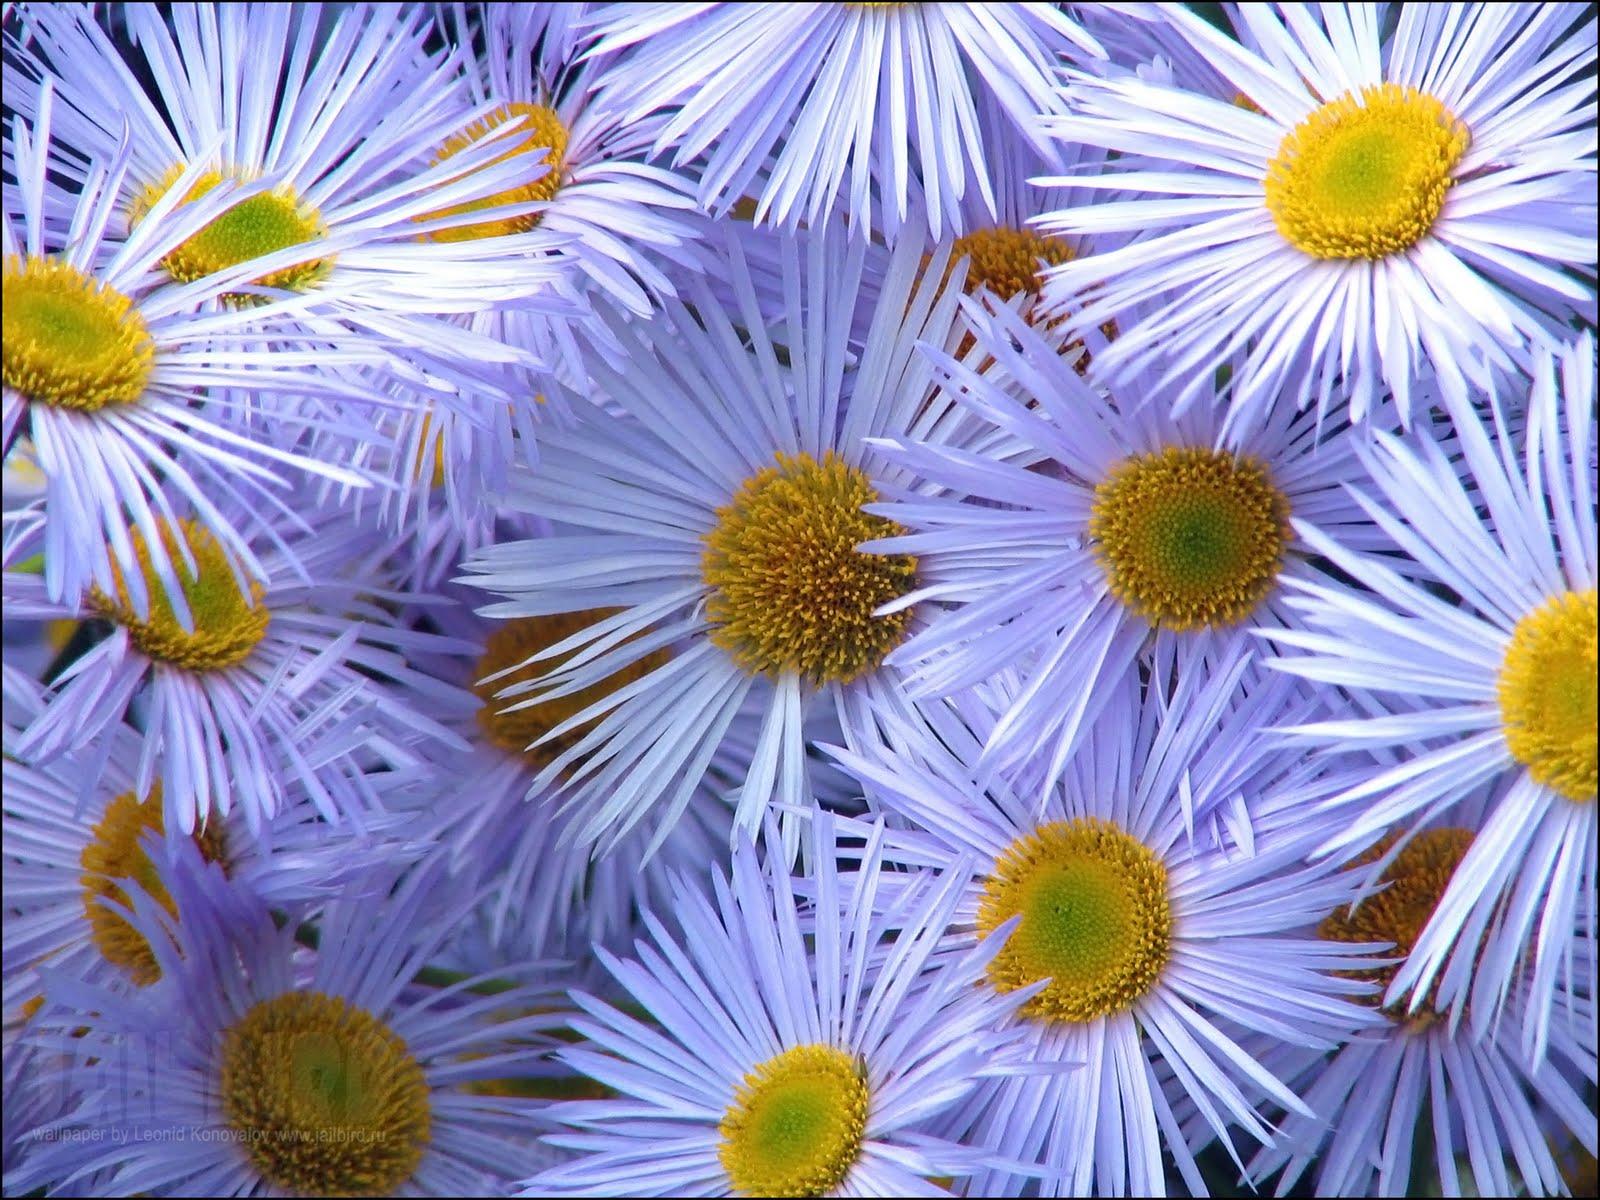 Desktop Backgrounds Wallpapers Flowers